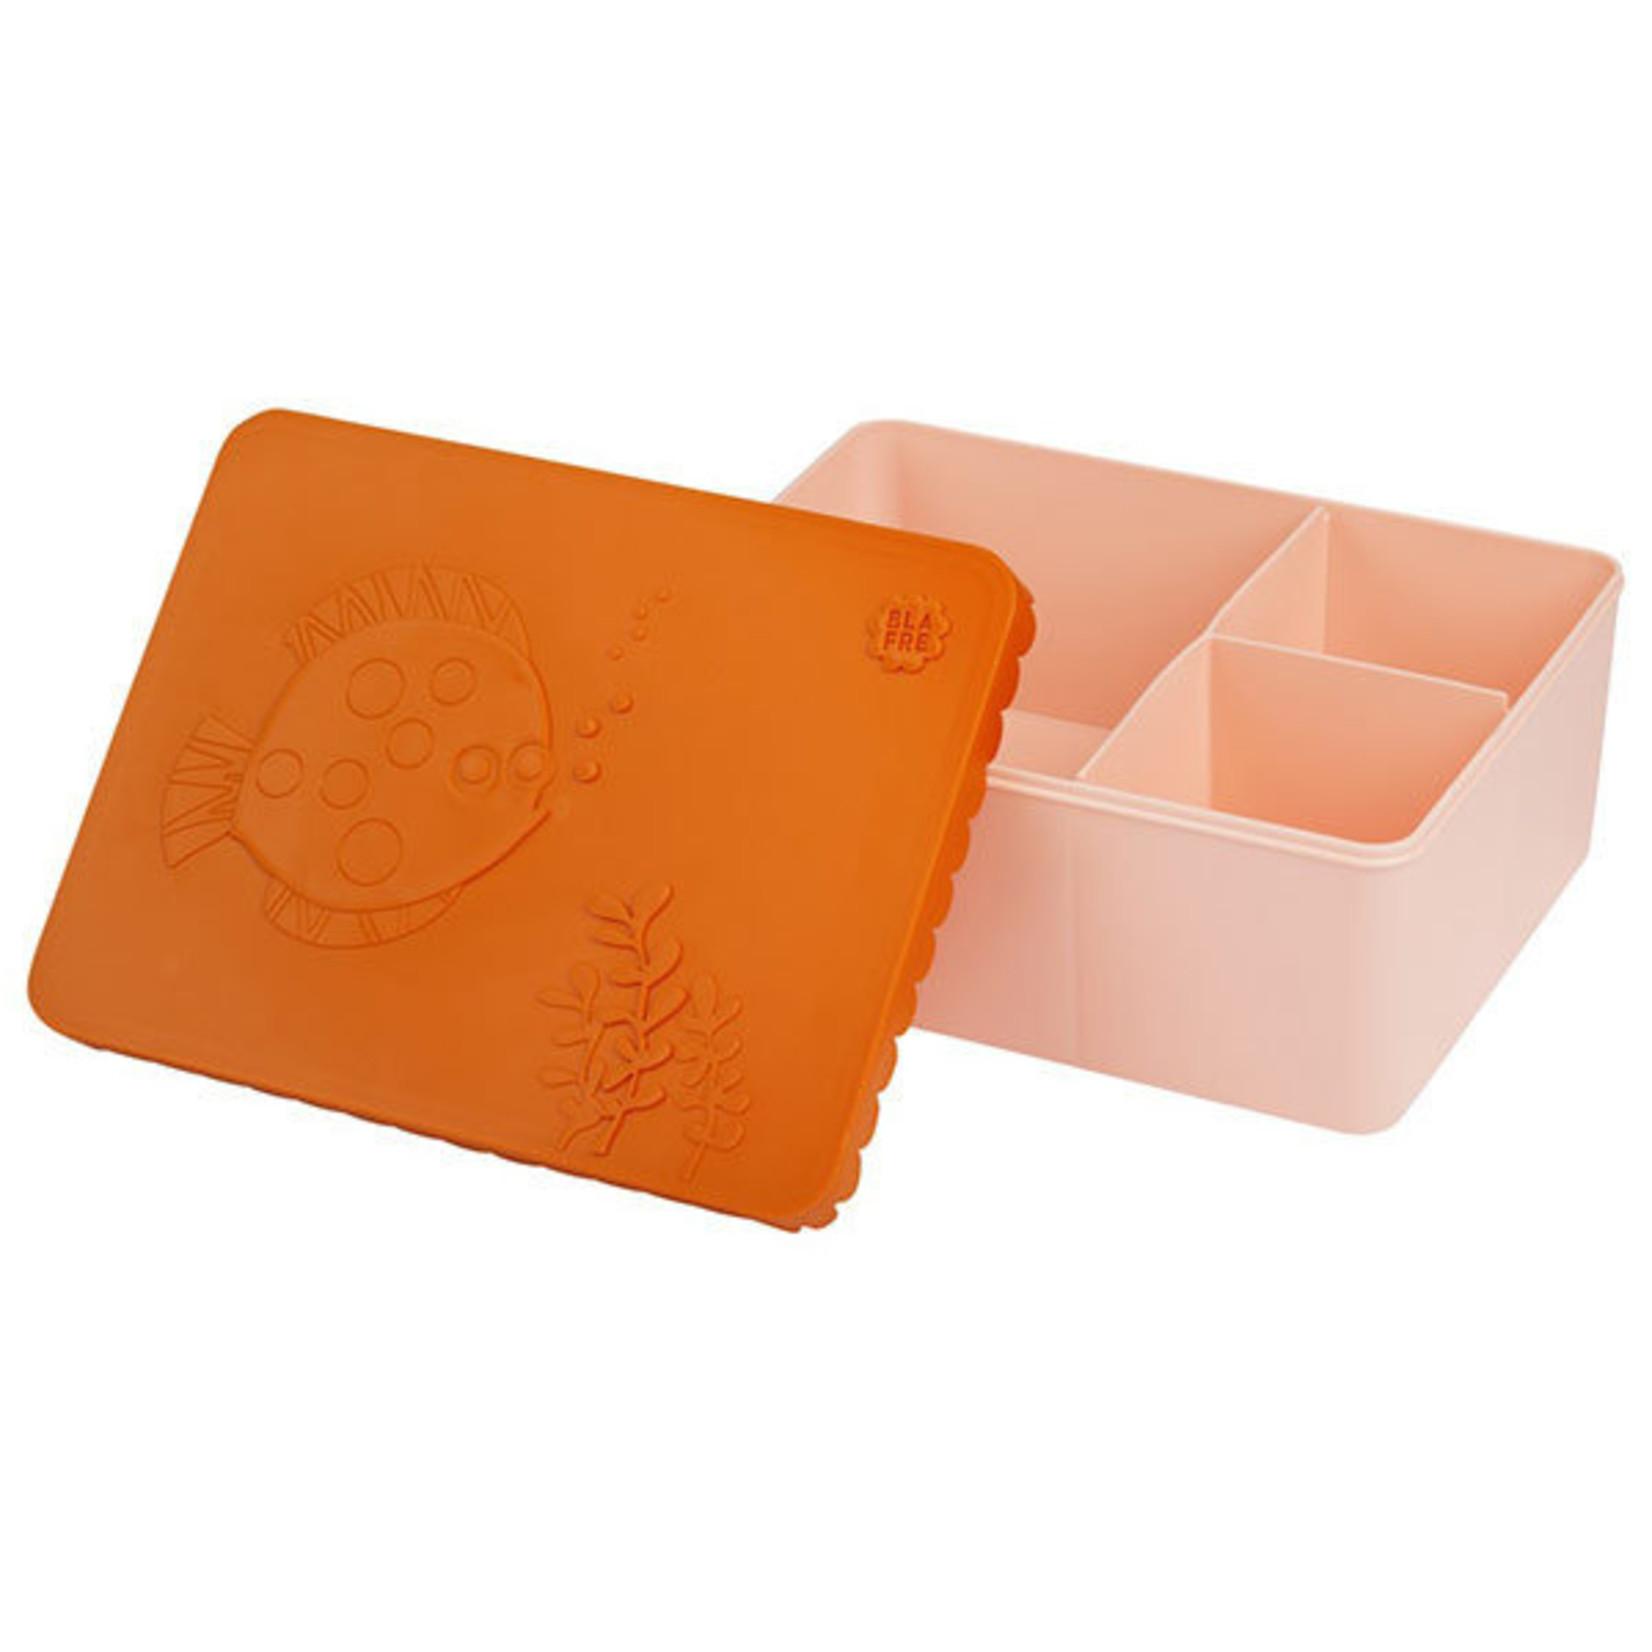 BLAFRE Bunte Brotdose von Blafre in orange und hellrosa